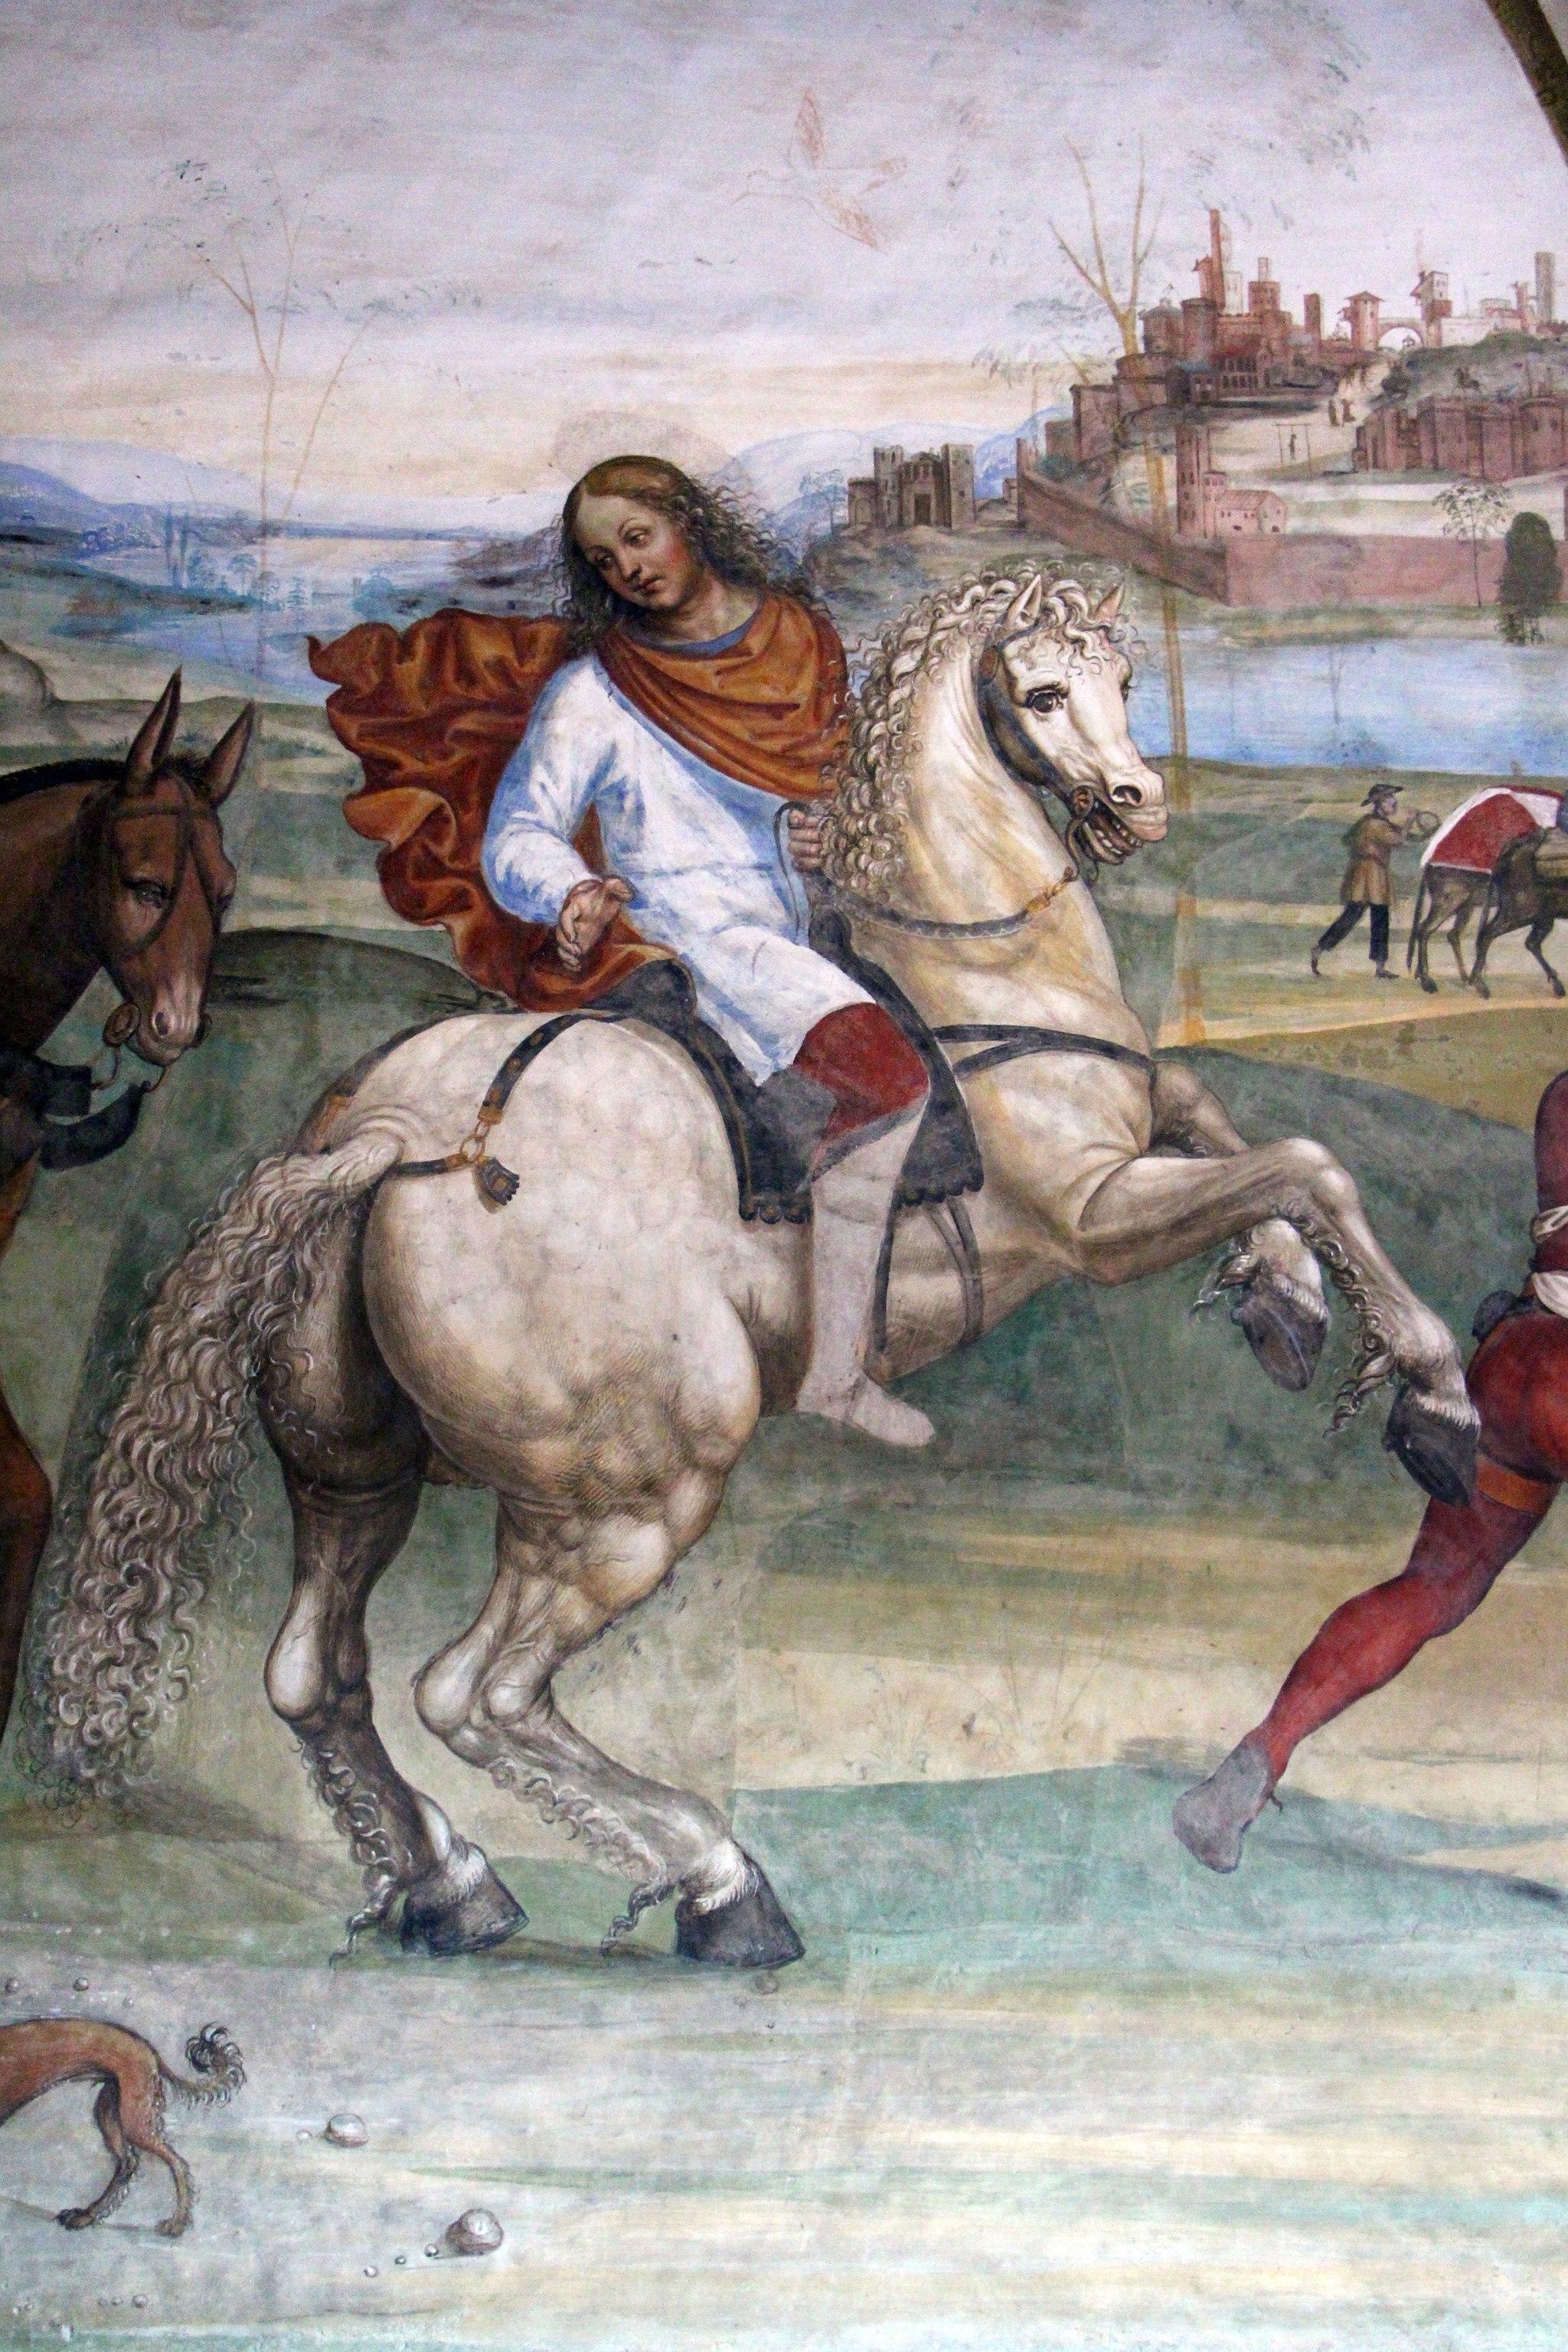 Storie di s. benedetto, 01 sodoma - Come Benedetto lascia la casa paterna e recasi a studio a Roma 03